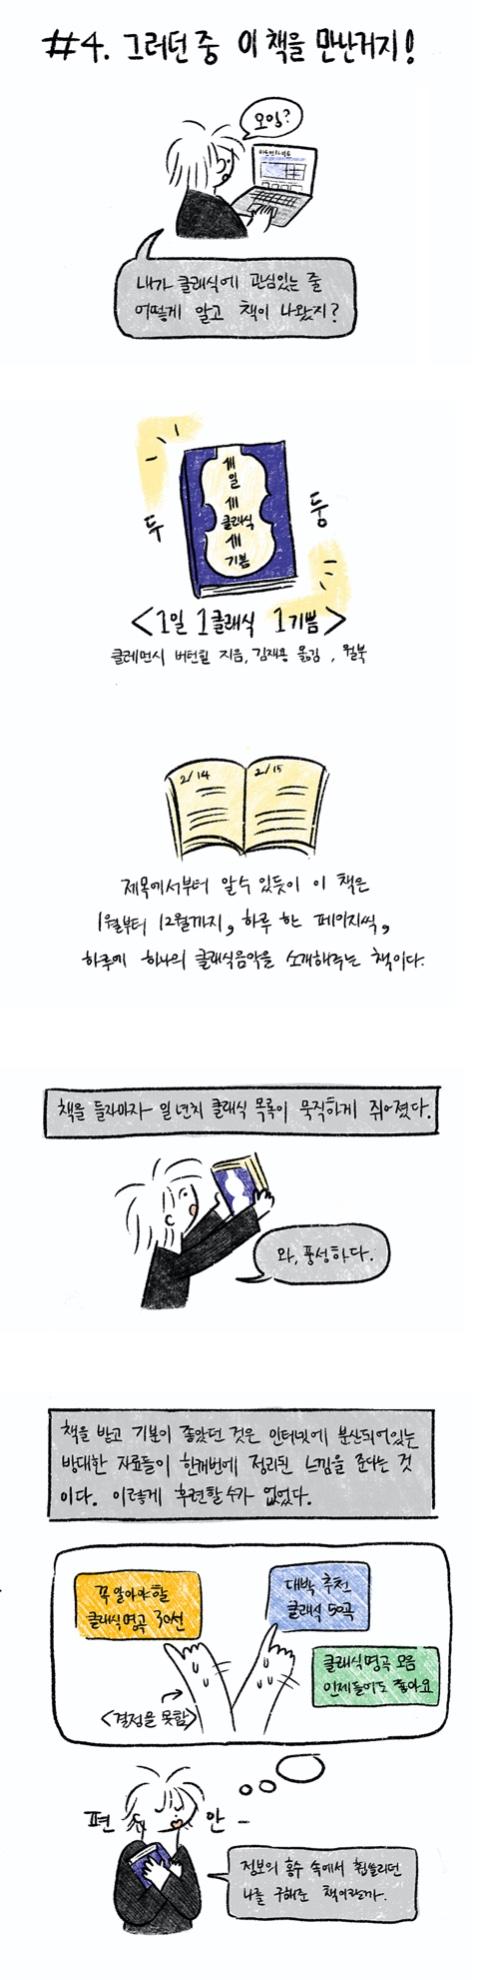 [Review]1일1클래식1기쁨(업로드4).jpg